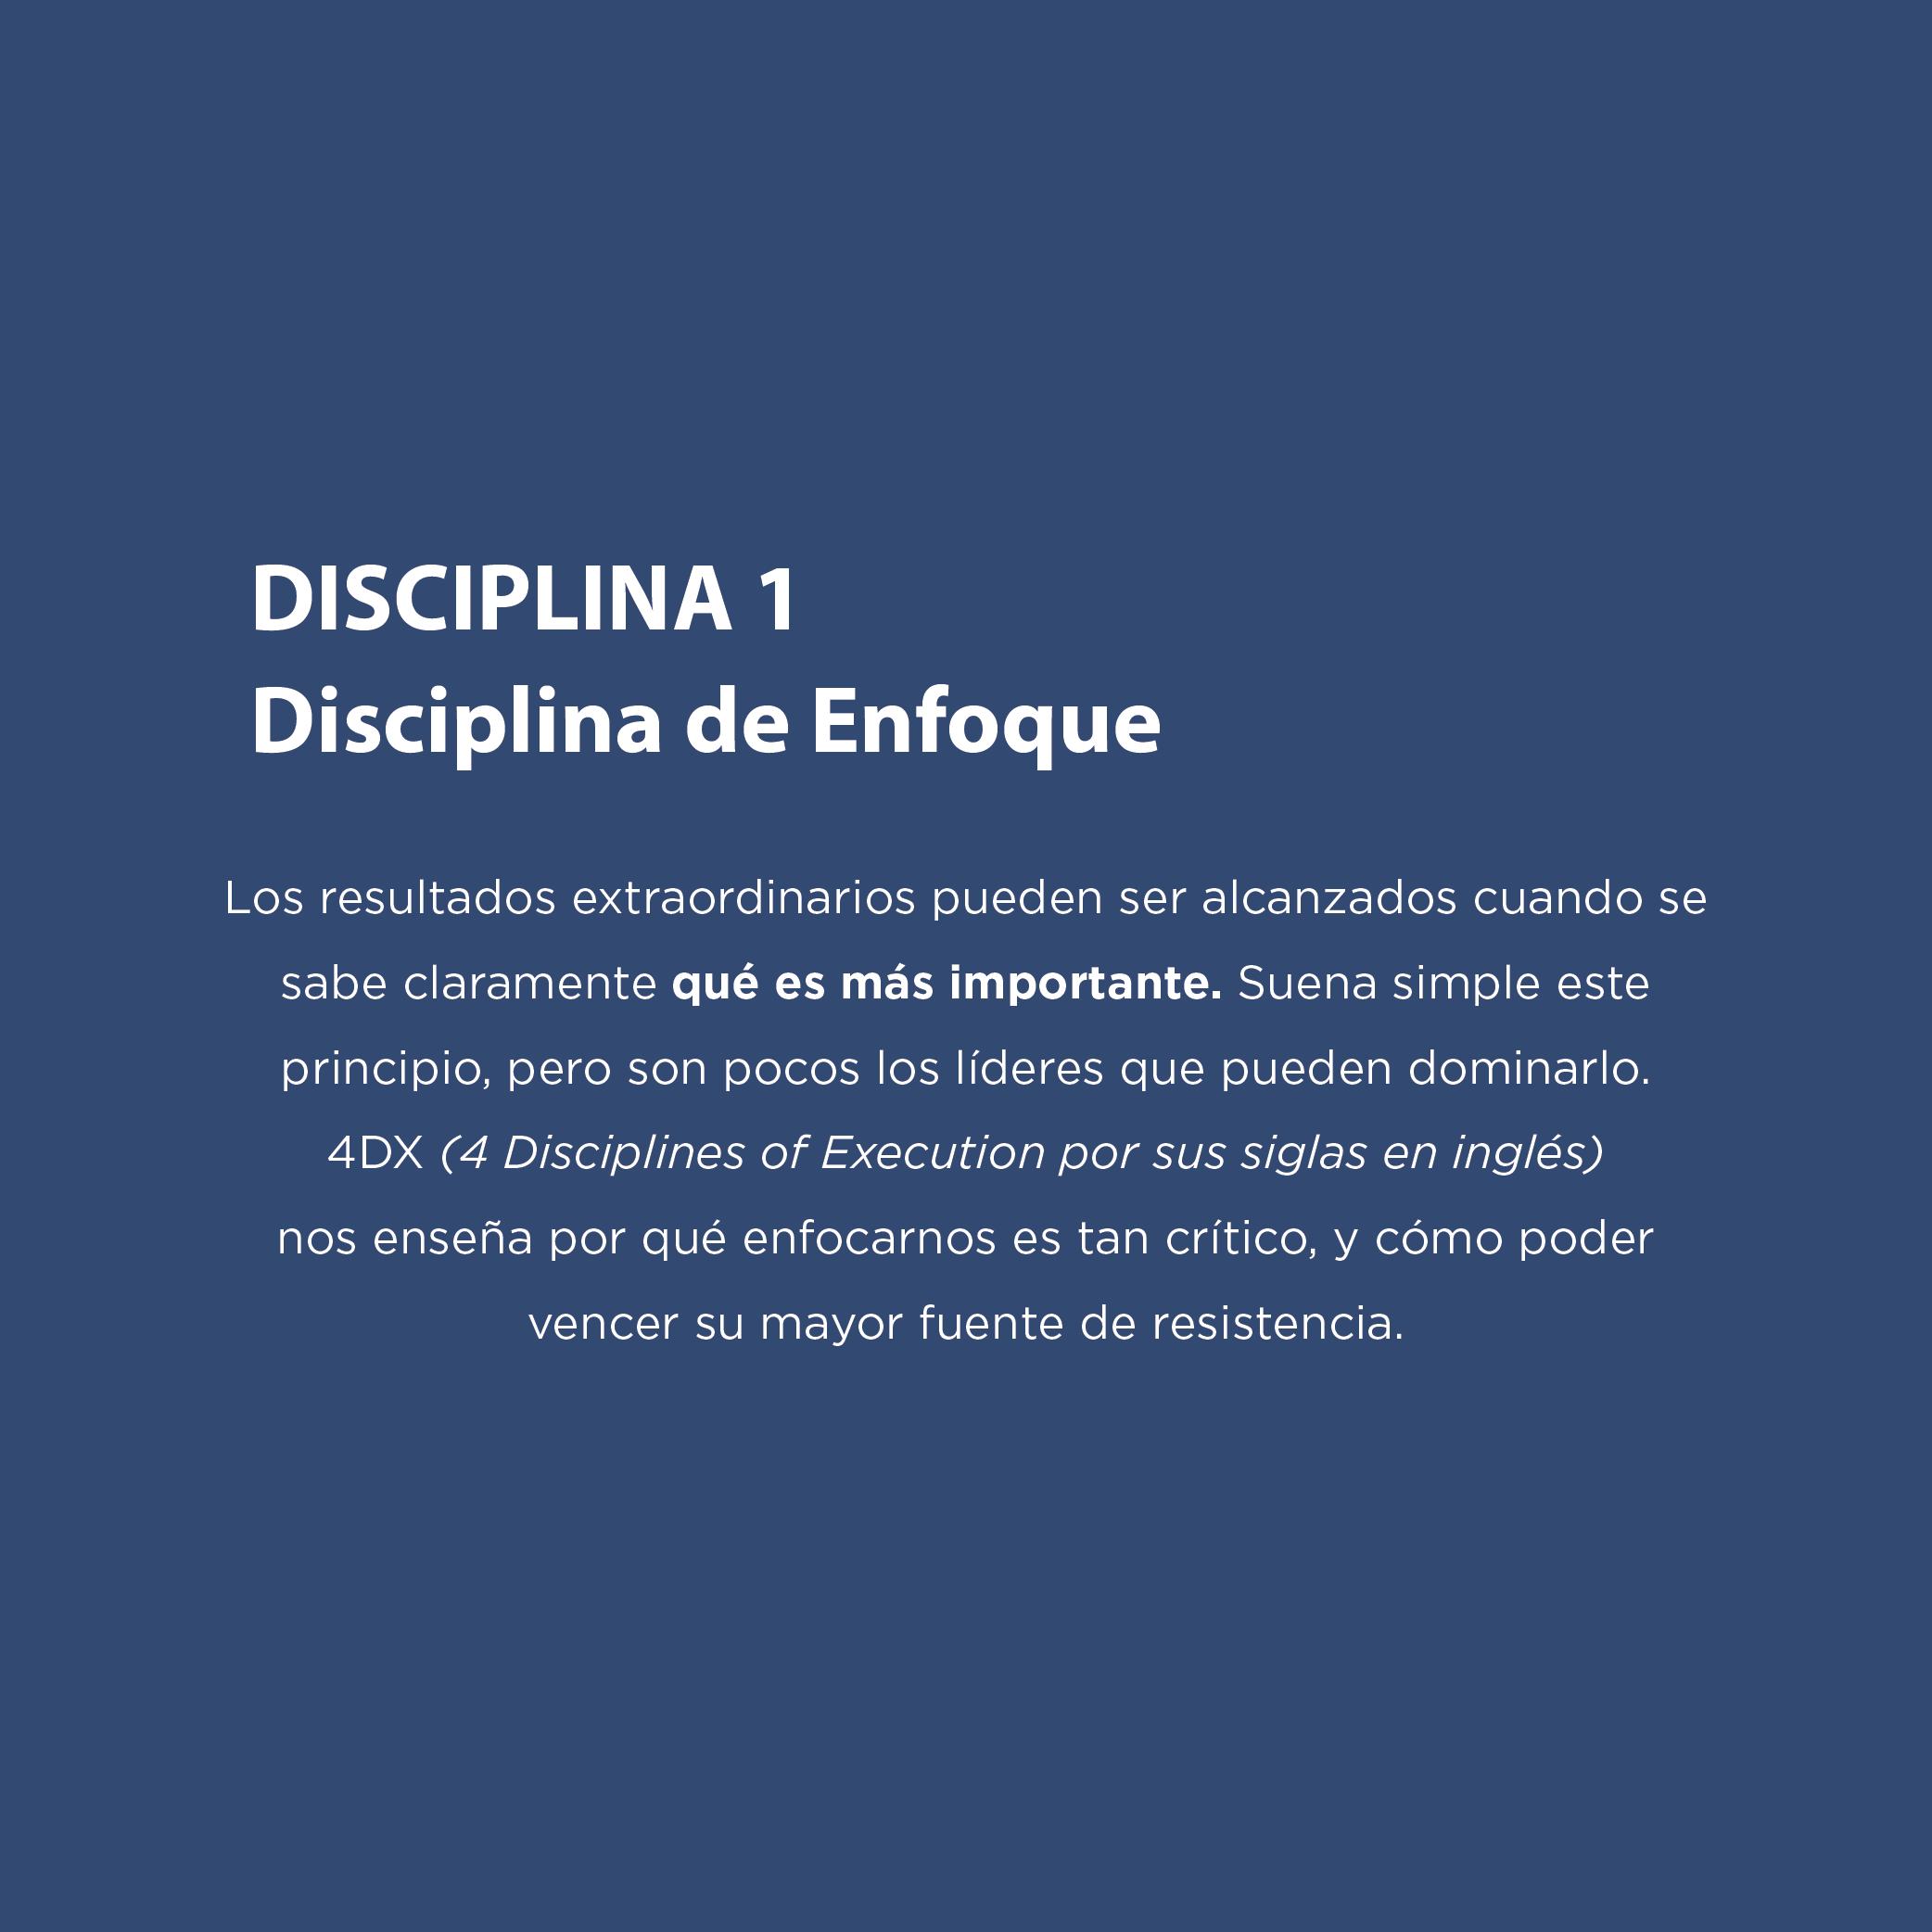 Disciplina1.png